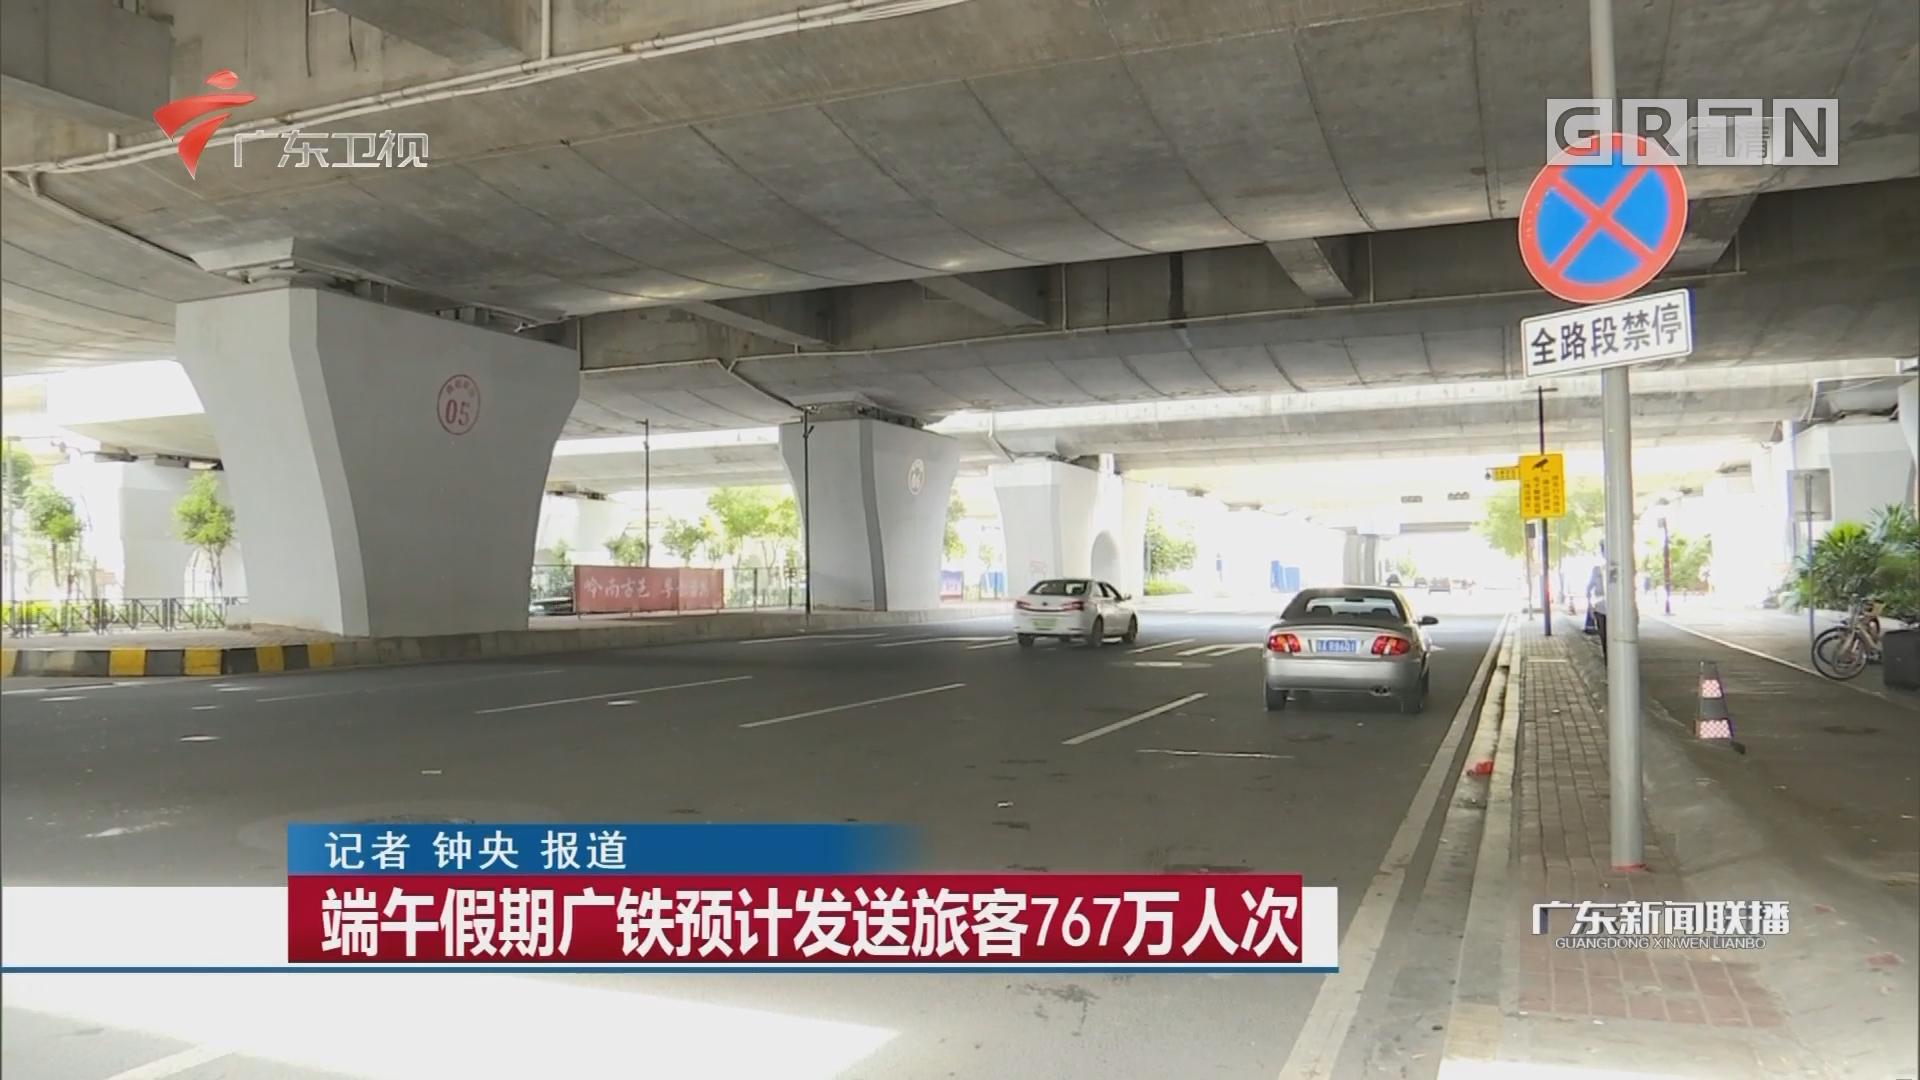 端午假期广铁预计发送旅客767万人次